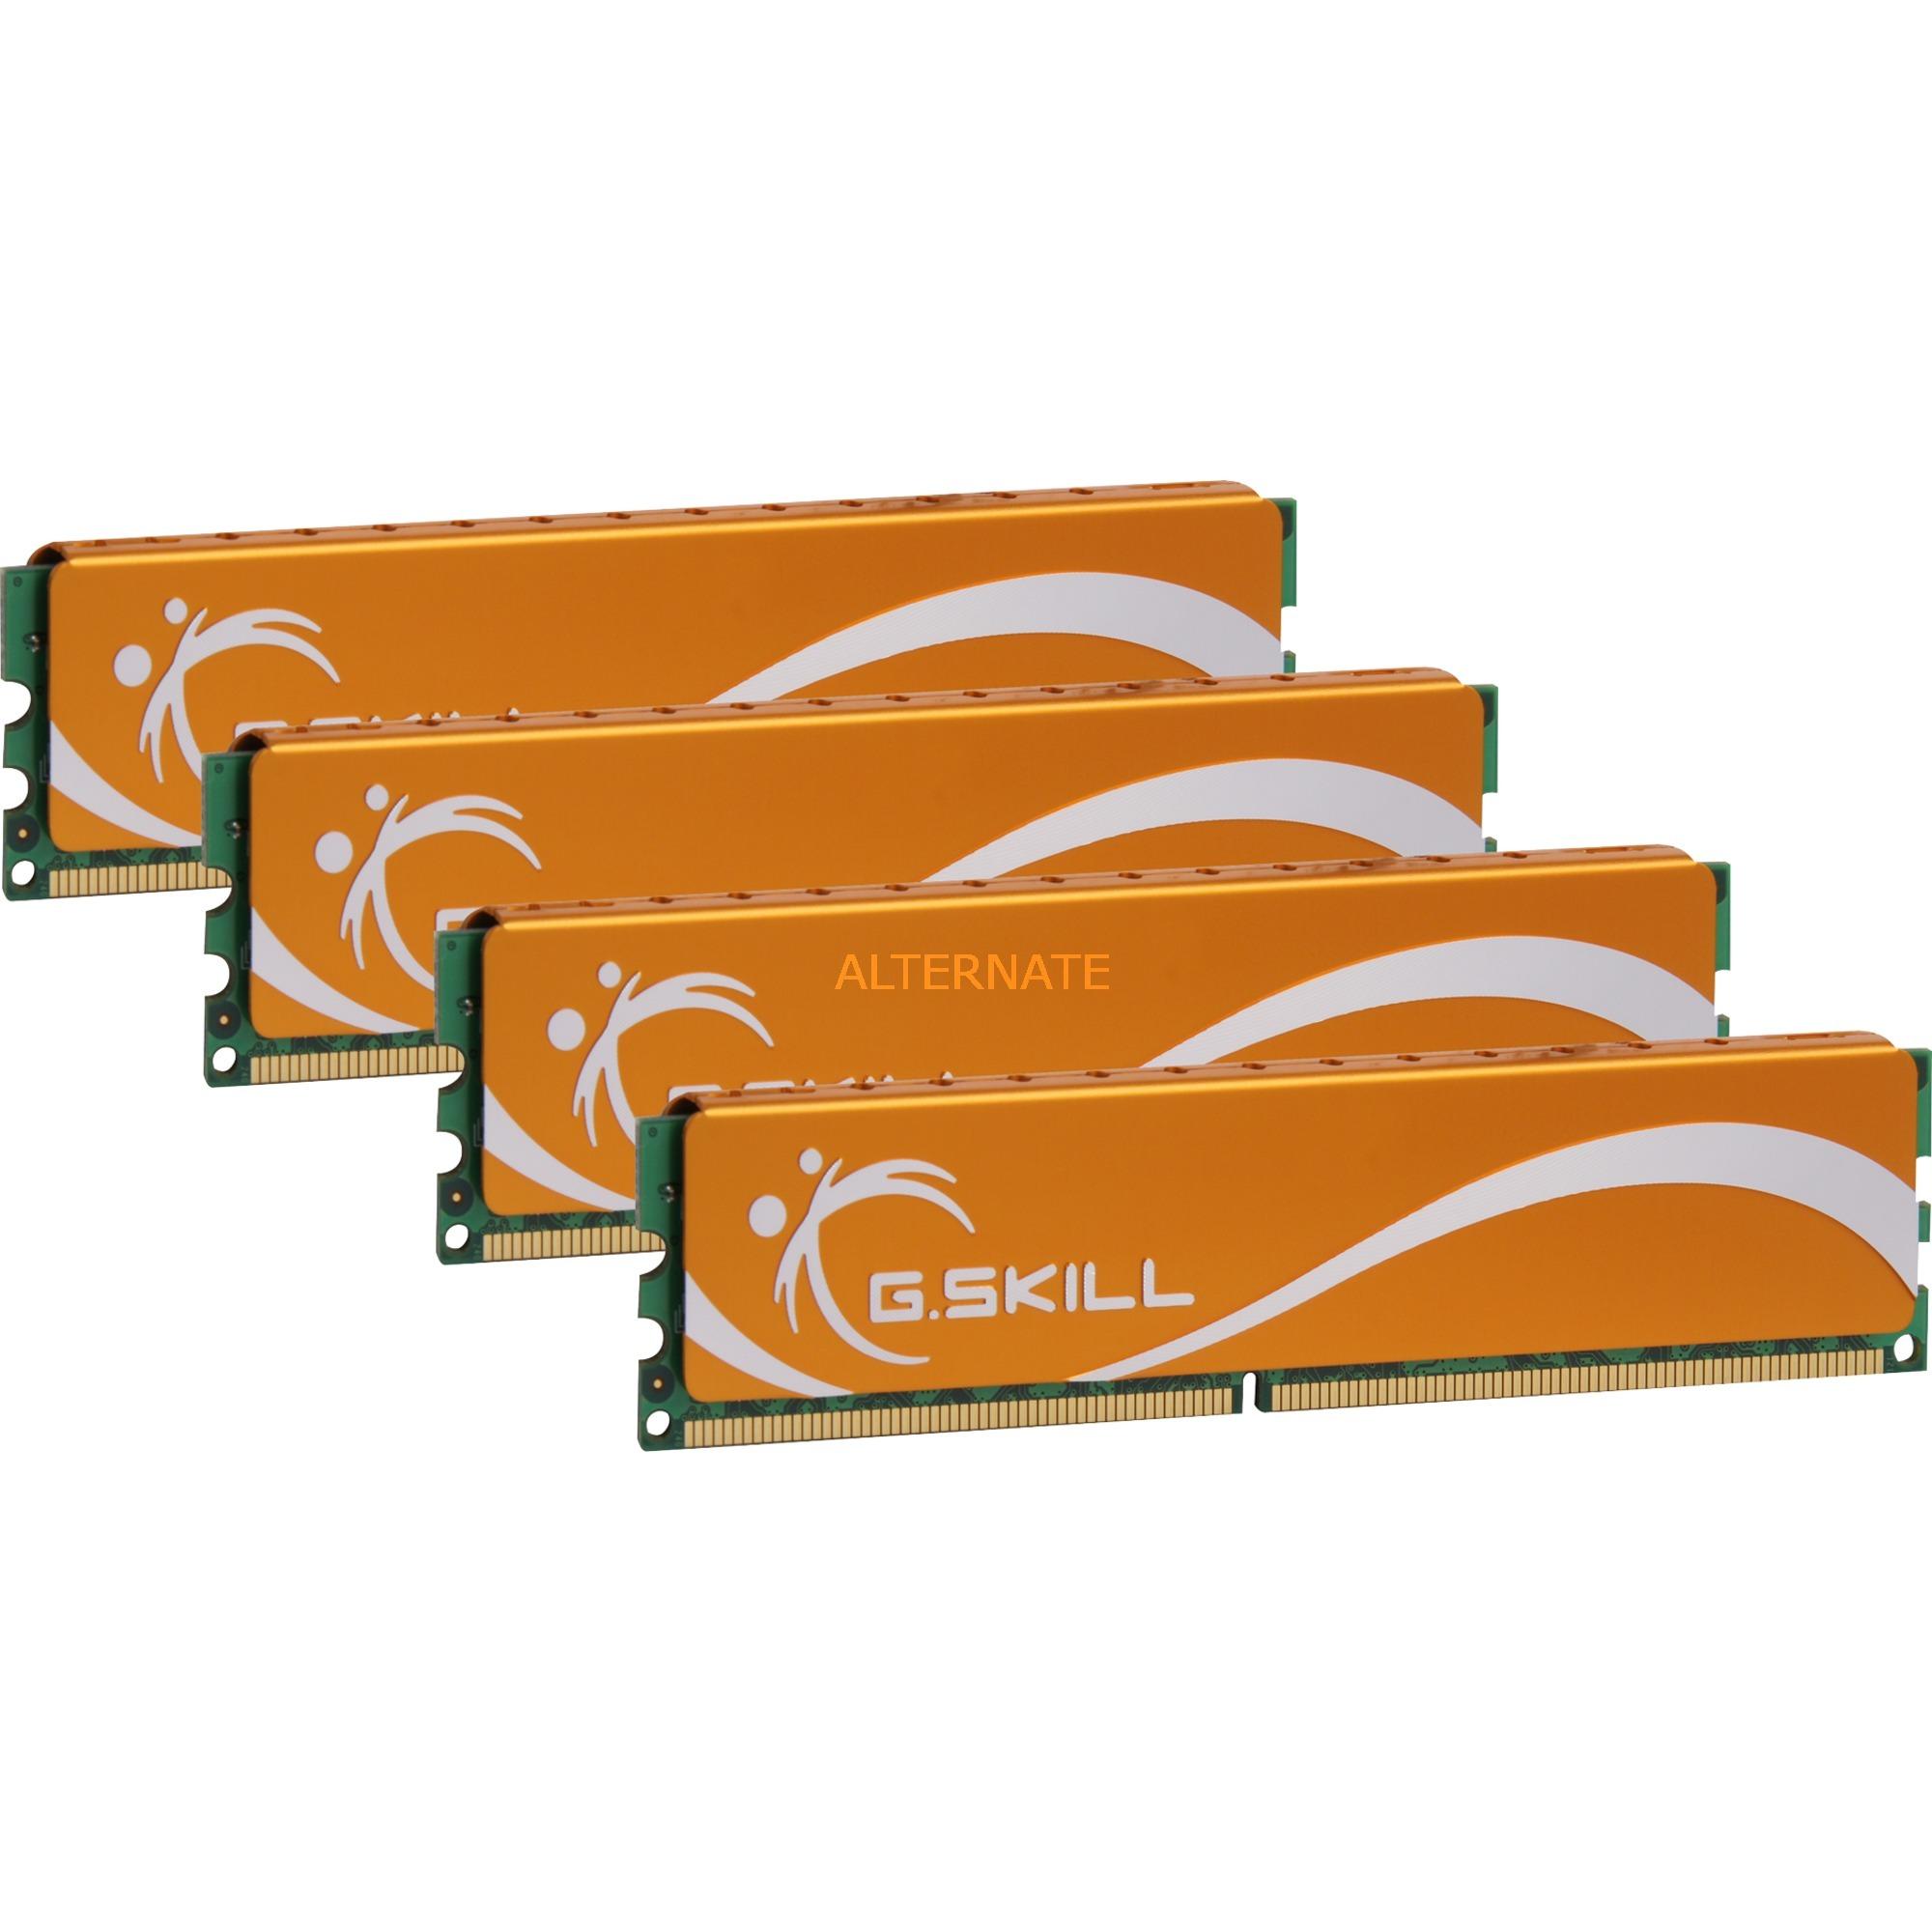 16GB (4x4096MB) DDR2 PC2 6400 CL6 módulo de memoria 800 MHz, Memoria RAM